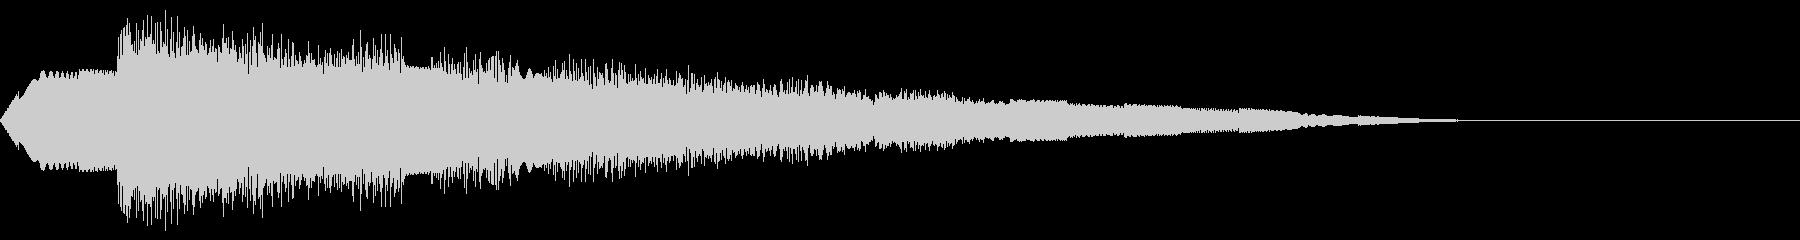 ピロピロ(移動ワープ/宇宙ファミコンSFの未再生の波形